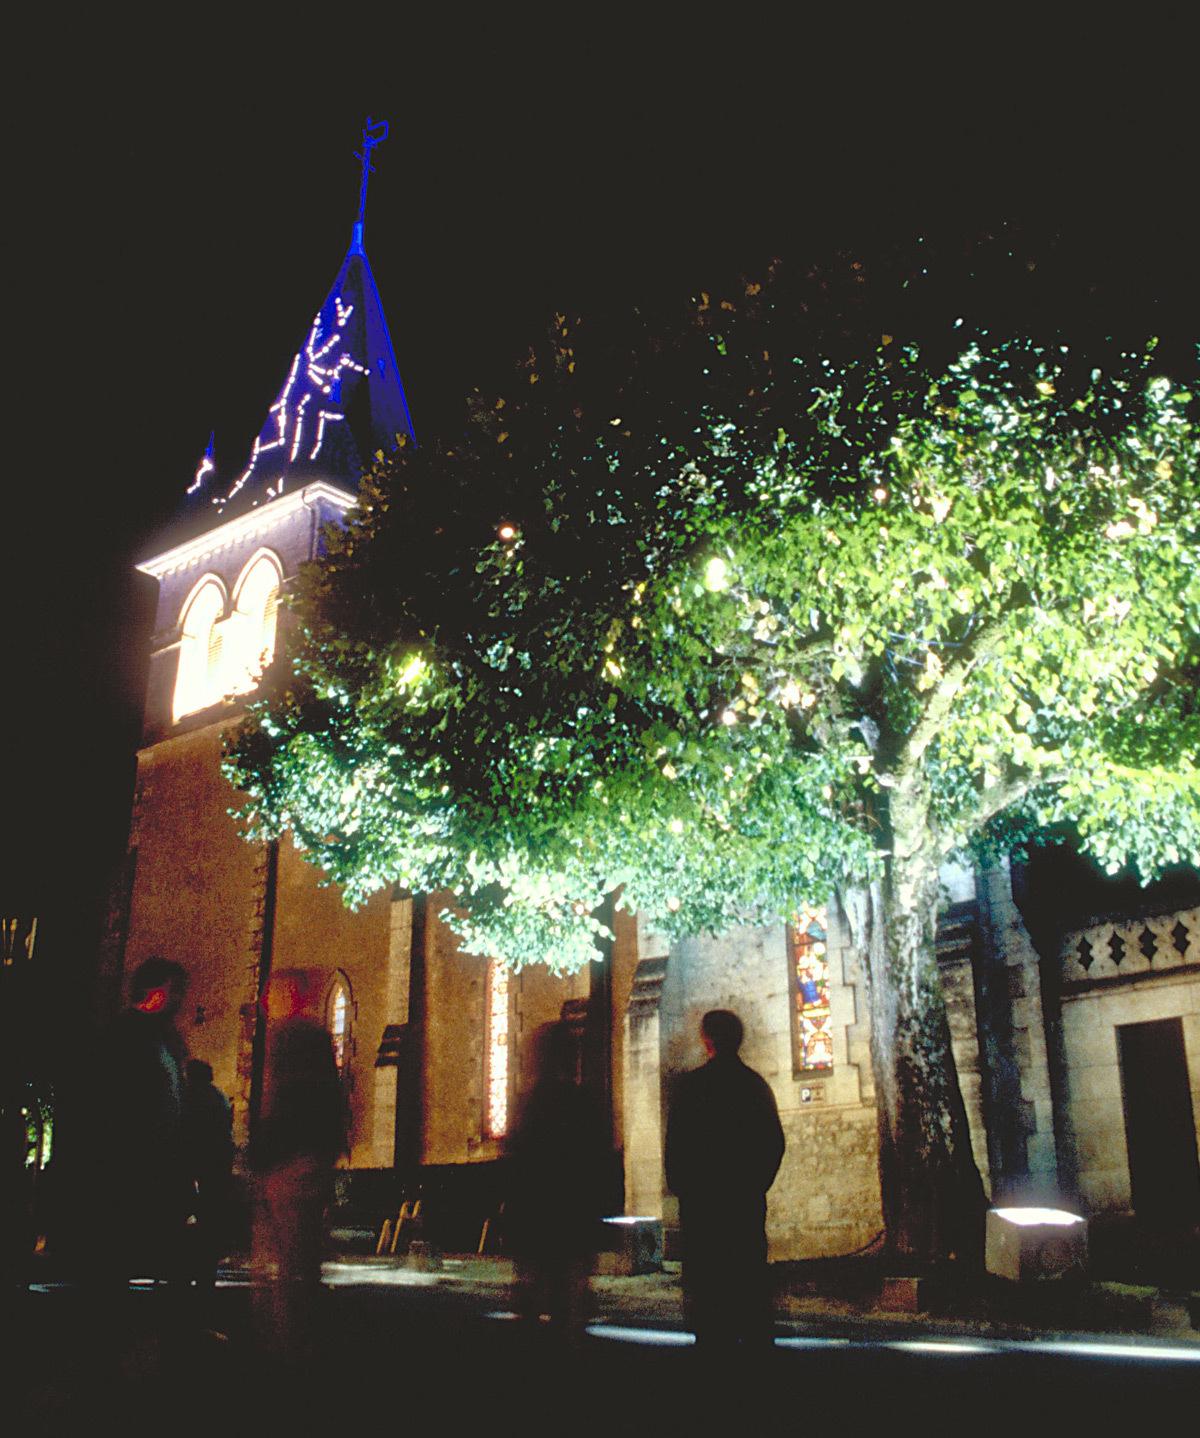 Vue d'ensemble - Lumière(s) en usage - Bourg de Champcevinel, Dordogne – Conception lumière : Anne Bureau et Stephane Carratero - 17 au 20 septembre 1998 - Photo : Vincent Laganier